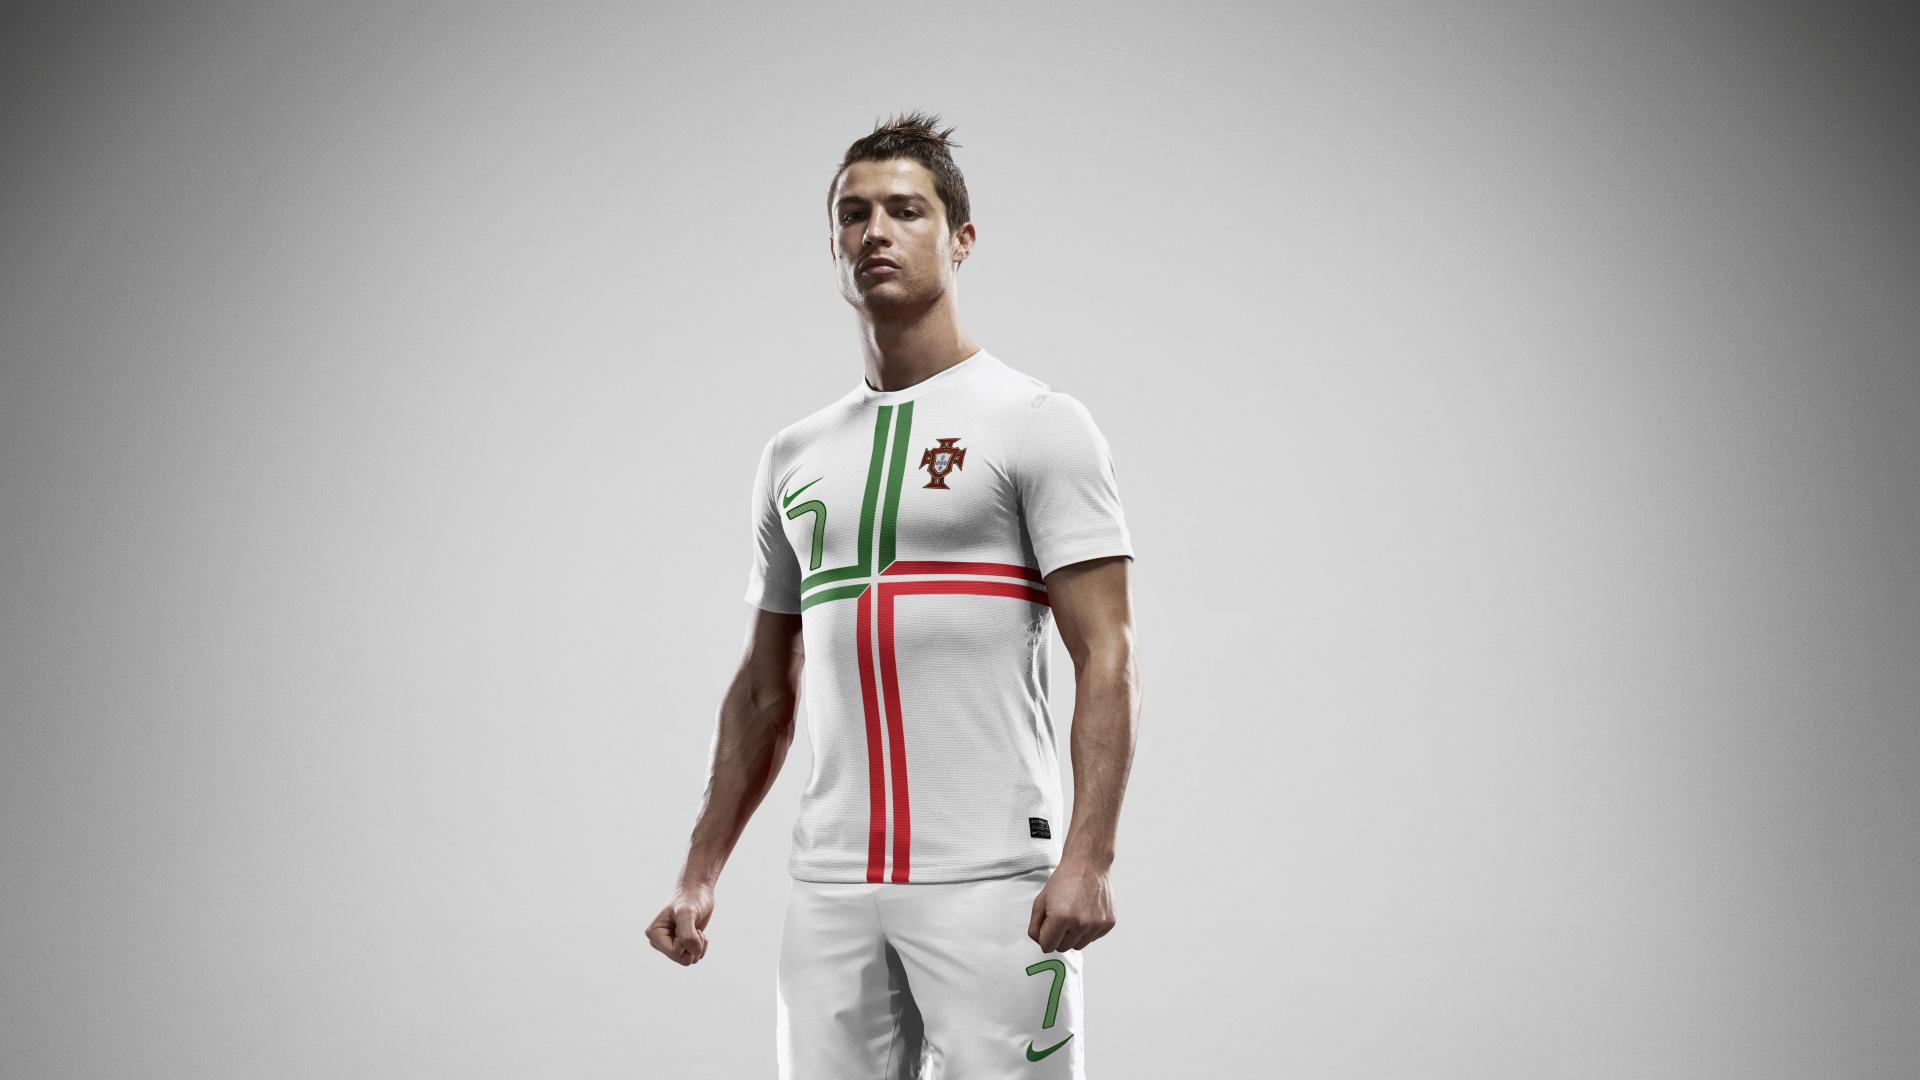 new product ff8a7 e3ad5 43+] Cristiano Ronaldo Wallpaper 1080p on WallpaperSafari